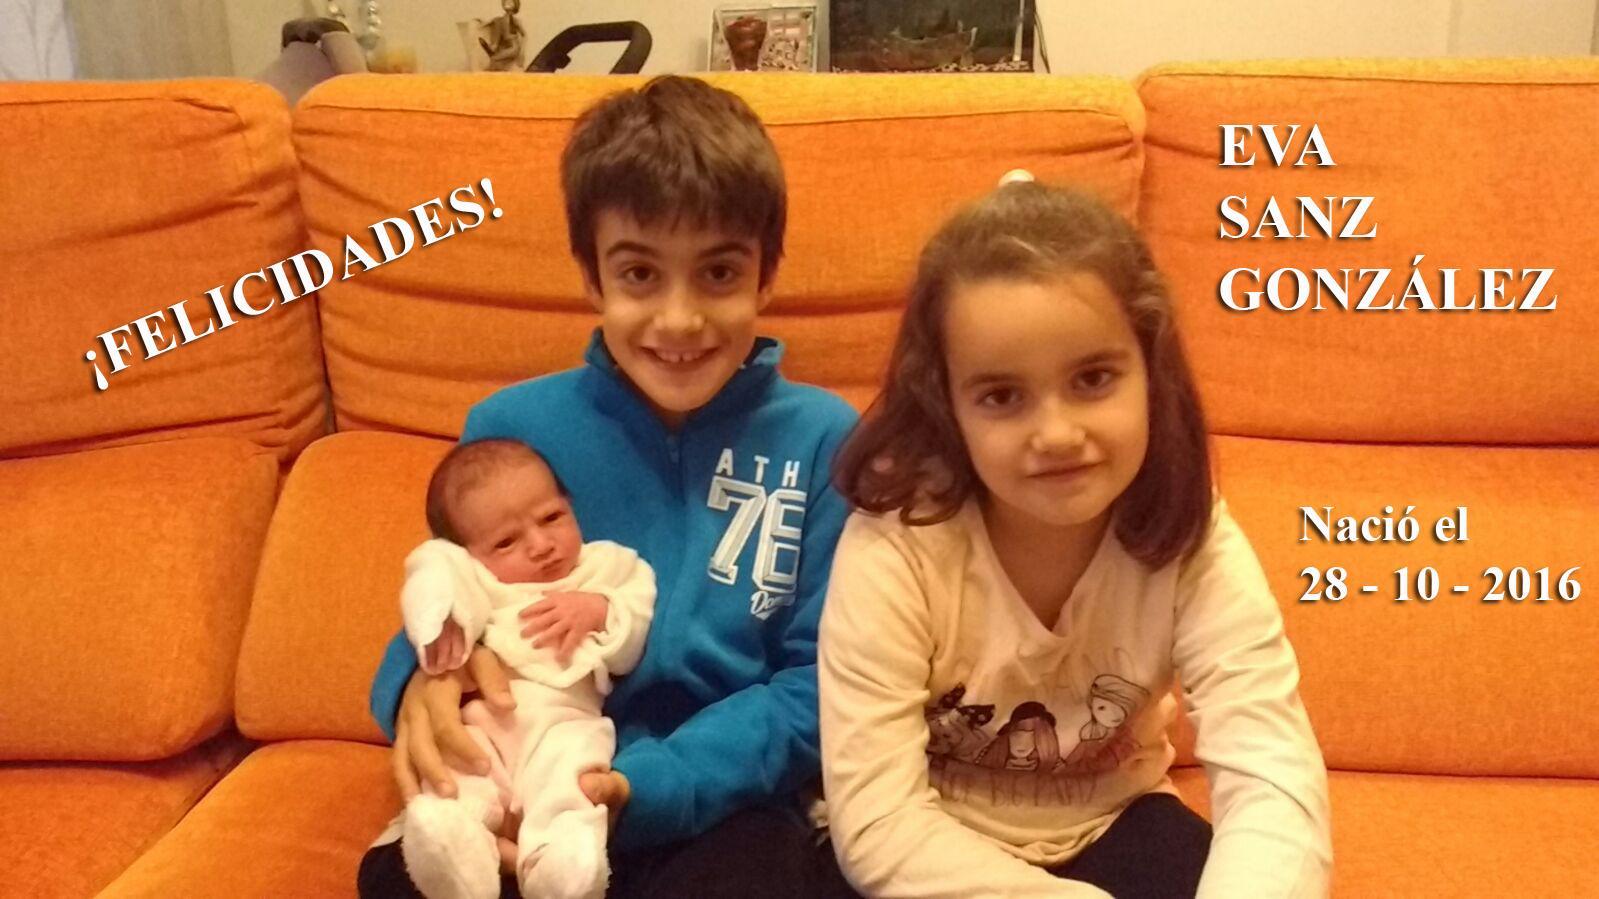 Nacimiento de Eva Sanz González, el 28 de octubre de 2016.jpg